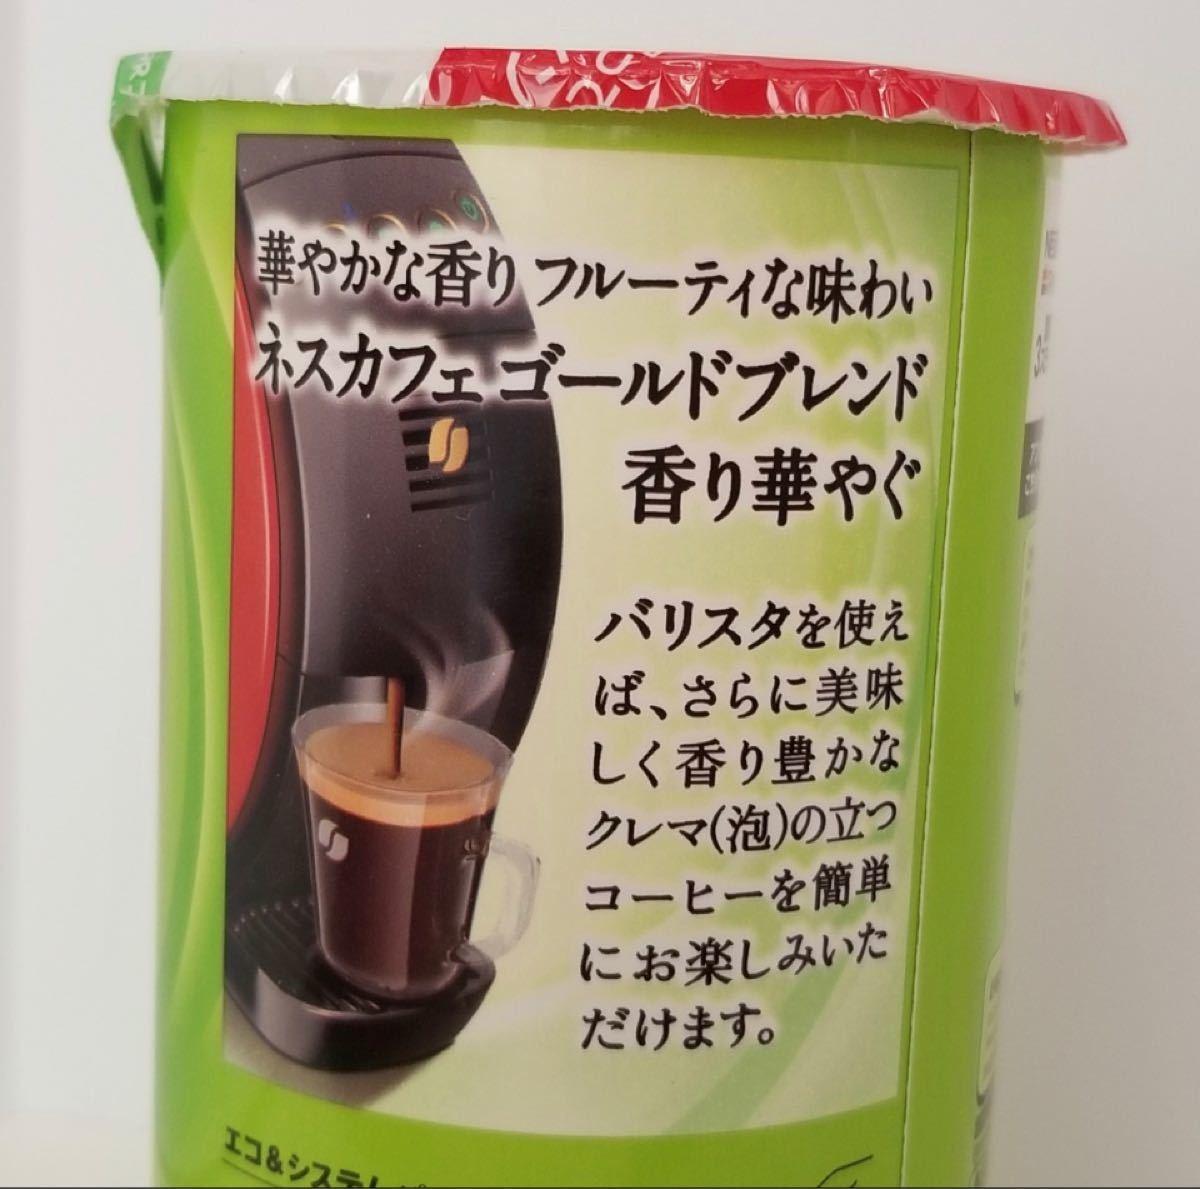 ネスカフェ ゴールドブレンド香り華やぐ バリスタ専用 エコ&システムパック 105g × 6本